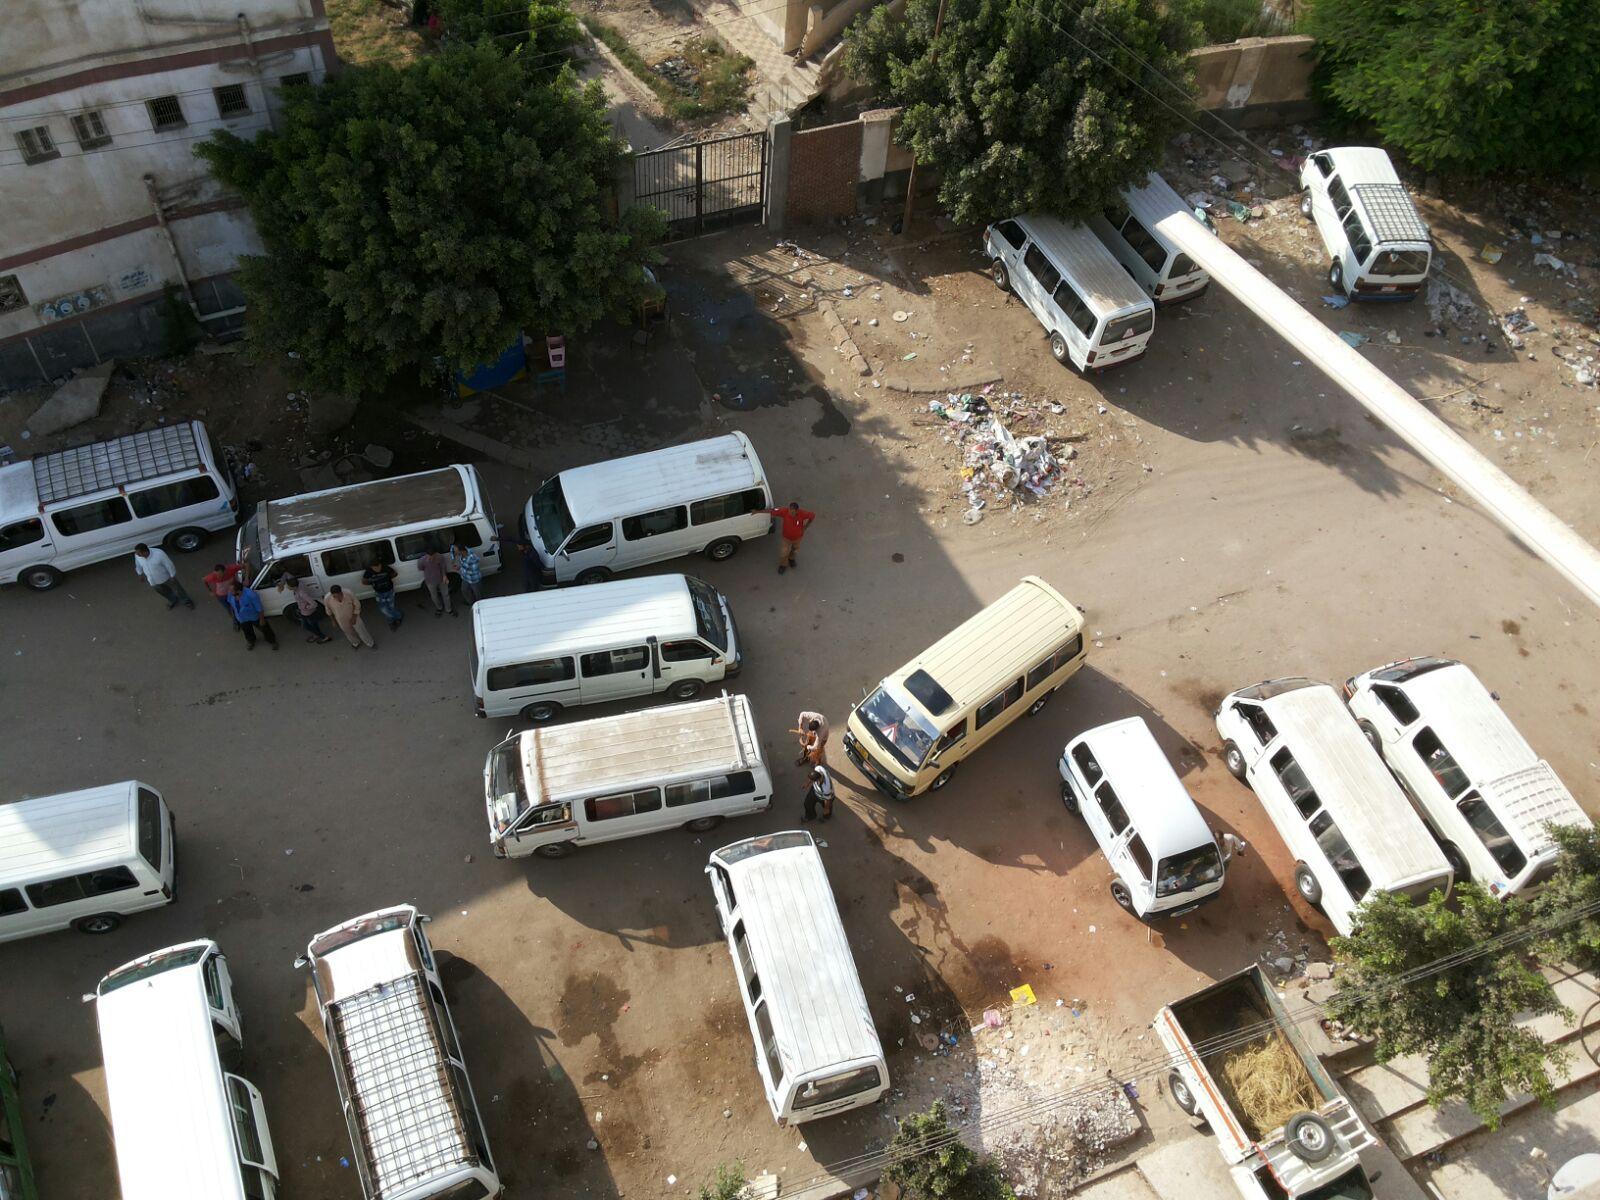 بالصور.. مواطنون يشكون إزعاج موقف أجرة شبراخيت «المؤقت» منذ 6 سنوات